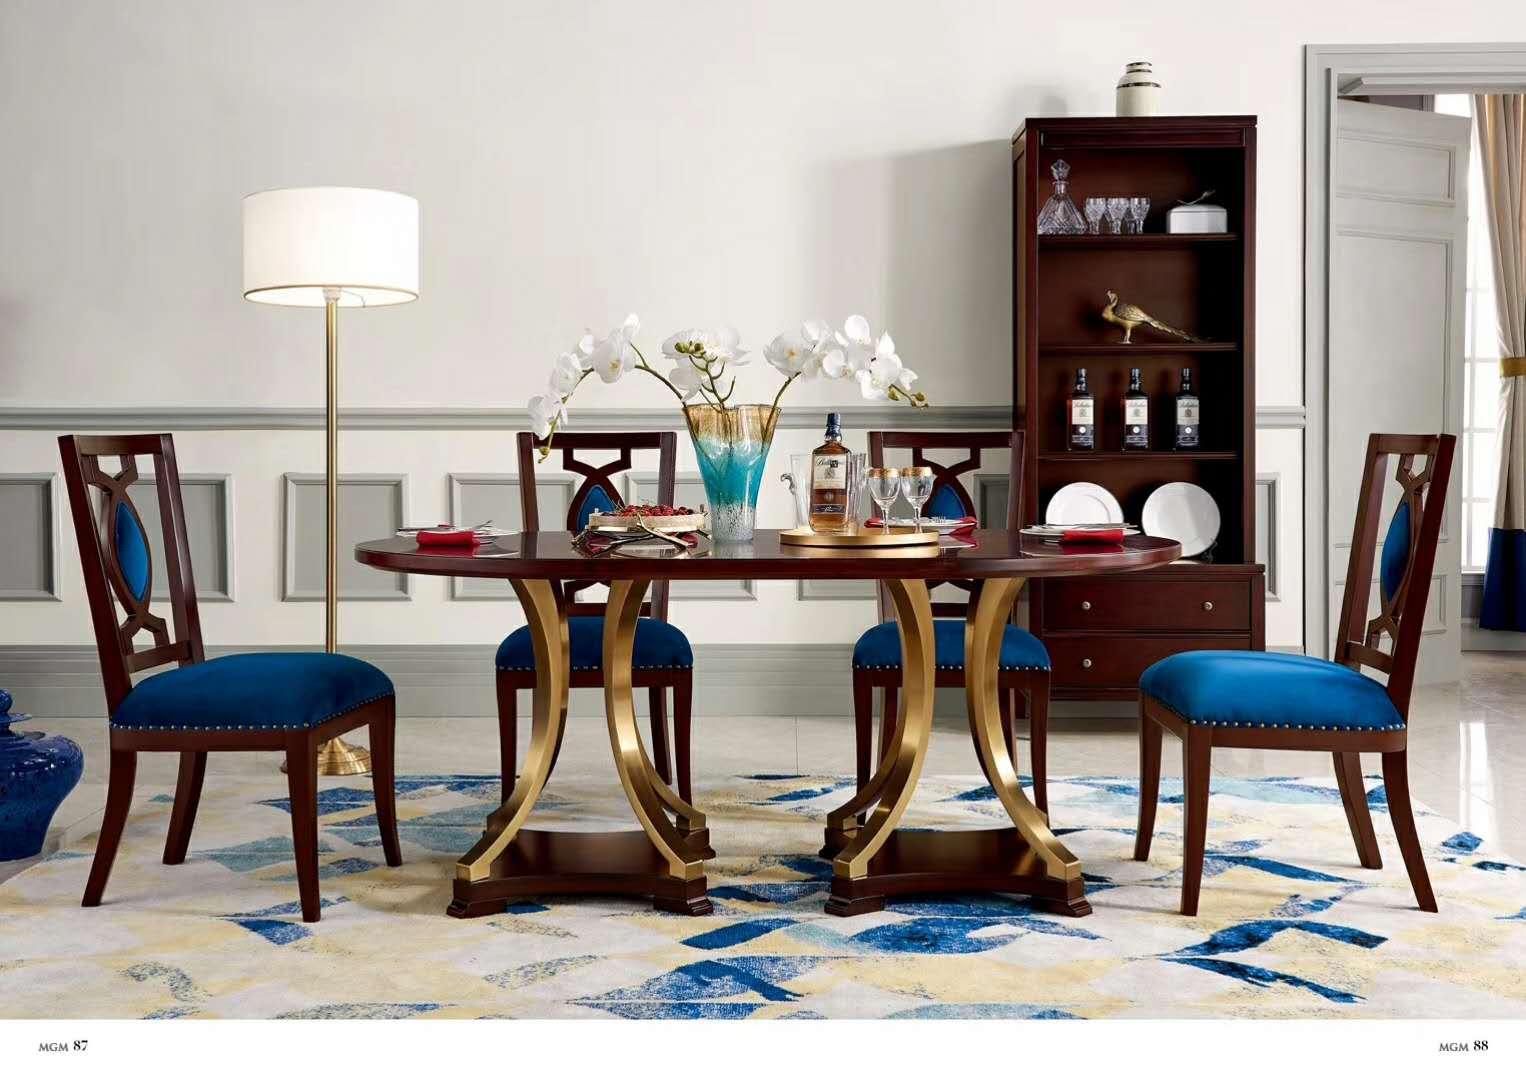 买好的银川美式家具就来玫瑰臻品家具-银川美式家具供应